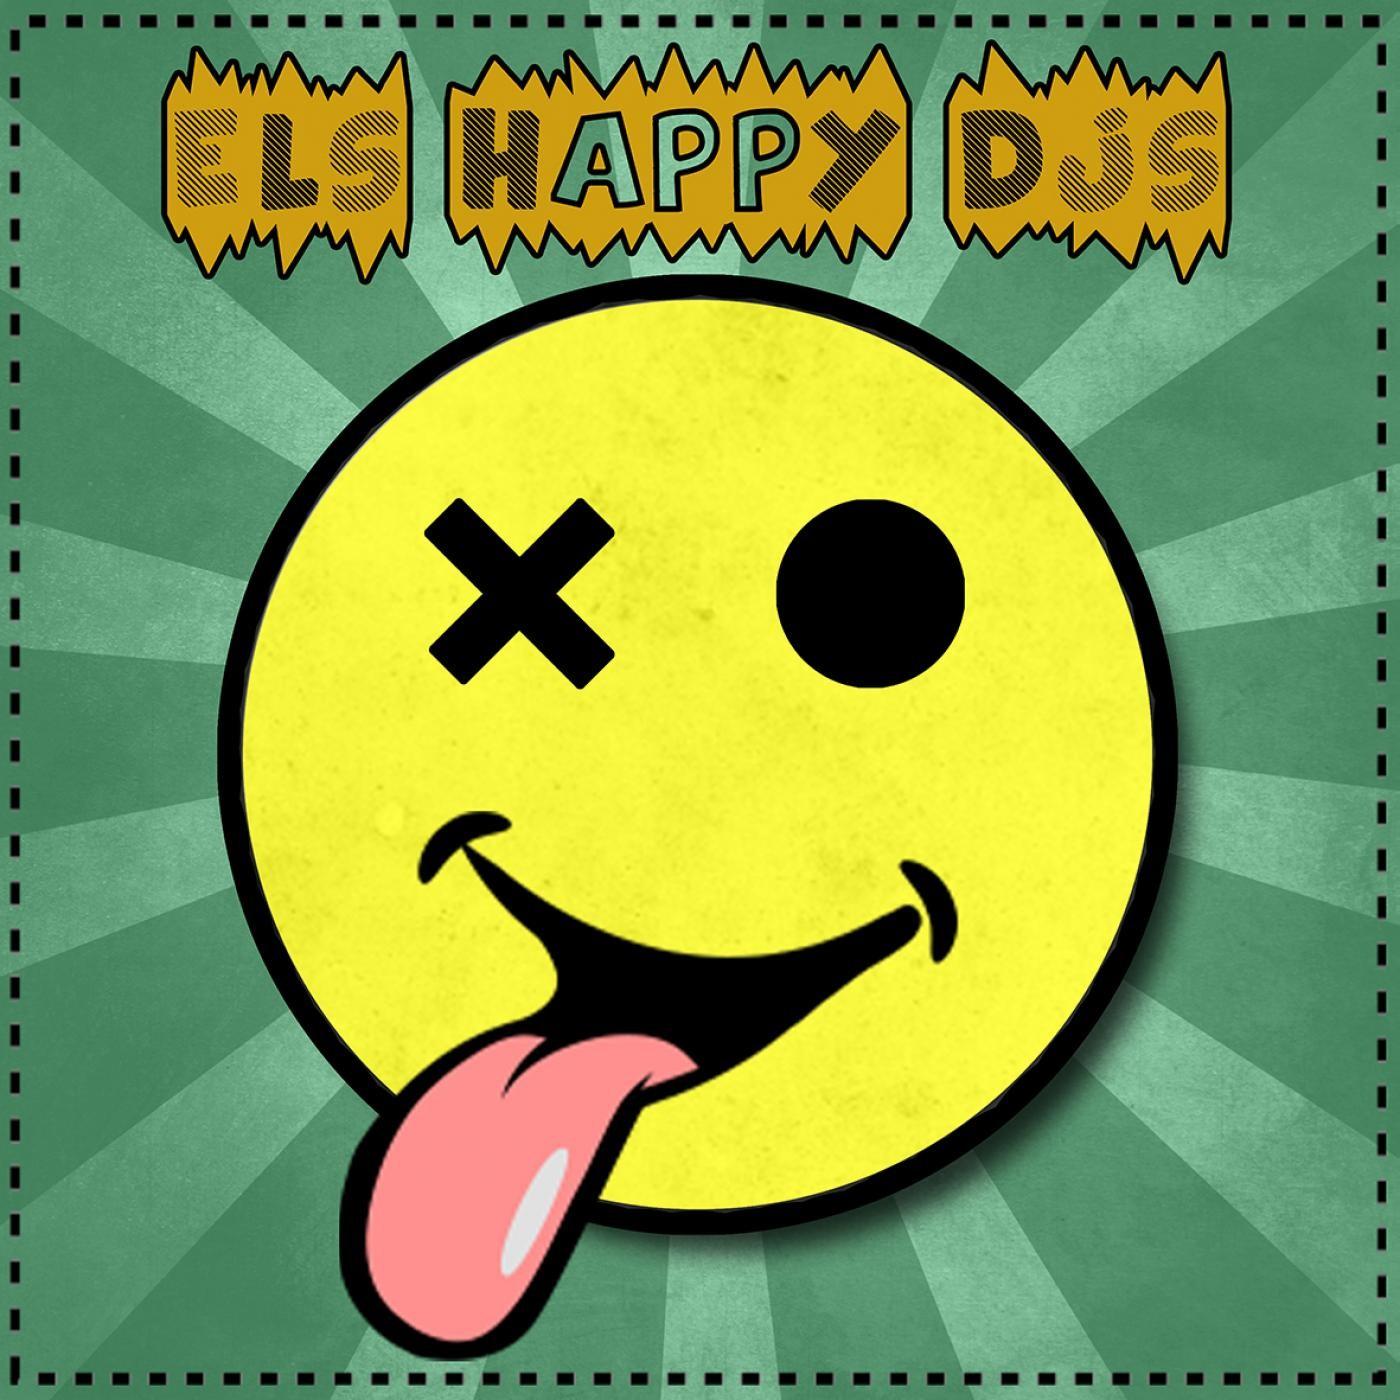 <![CDATA[Els Happy DJs]]>